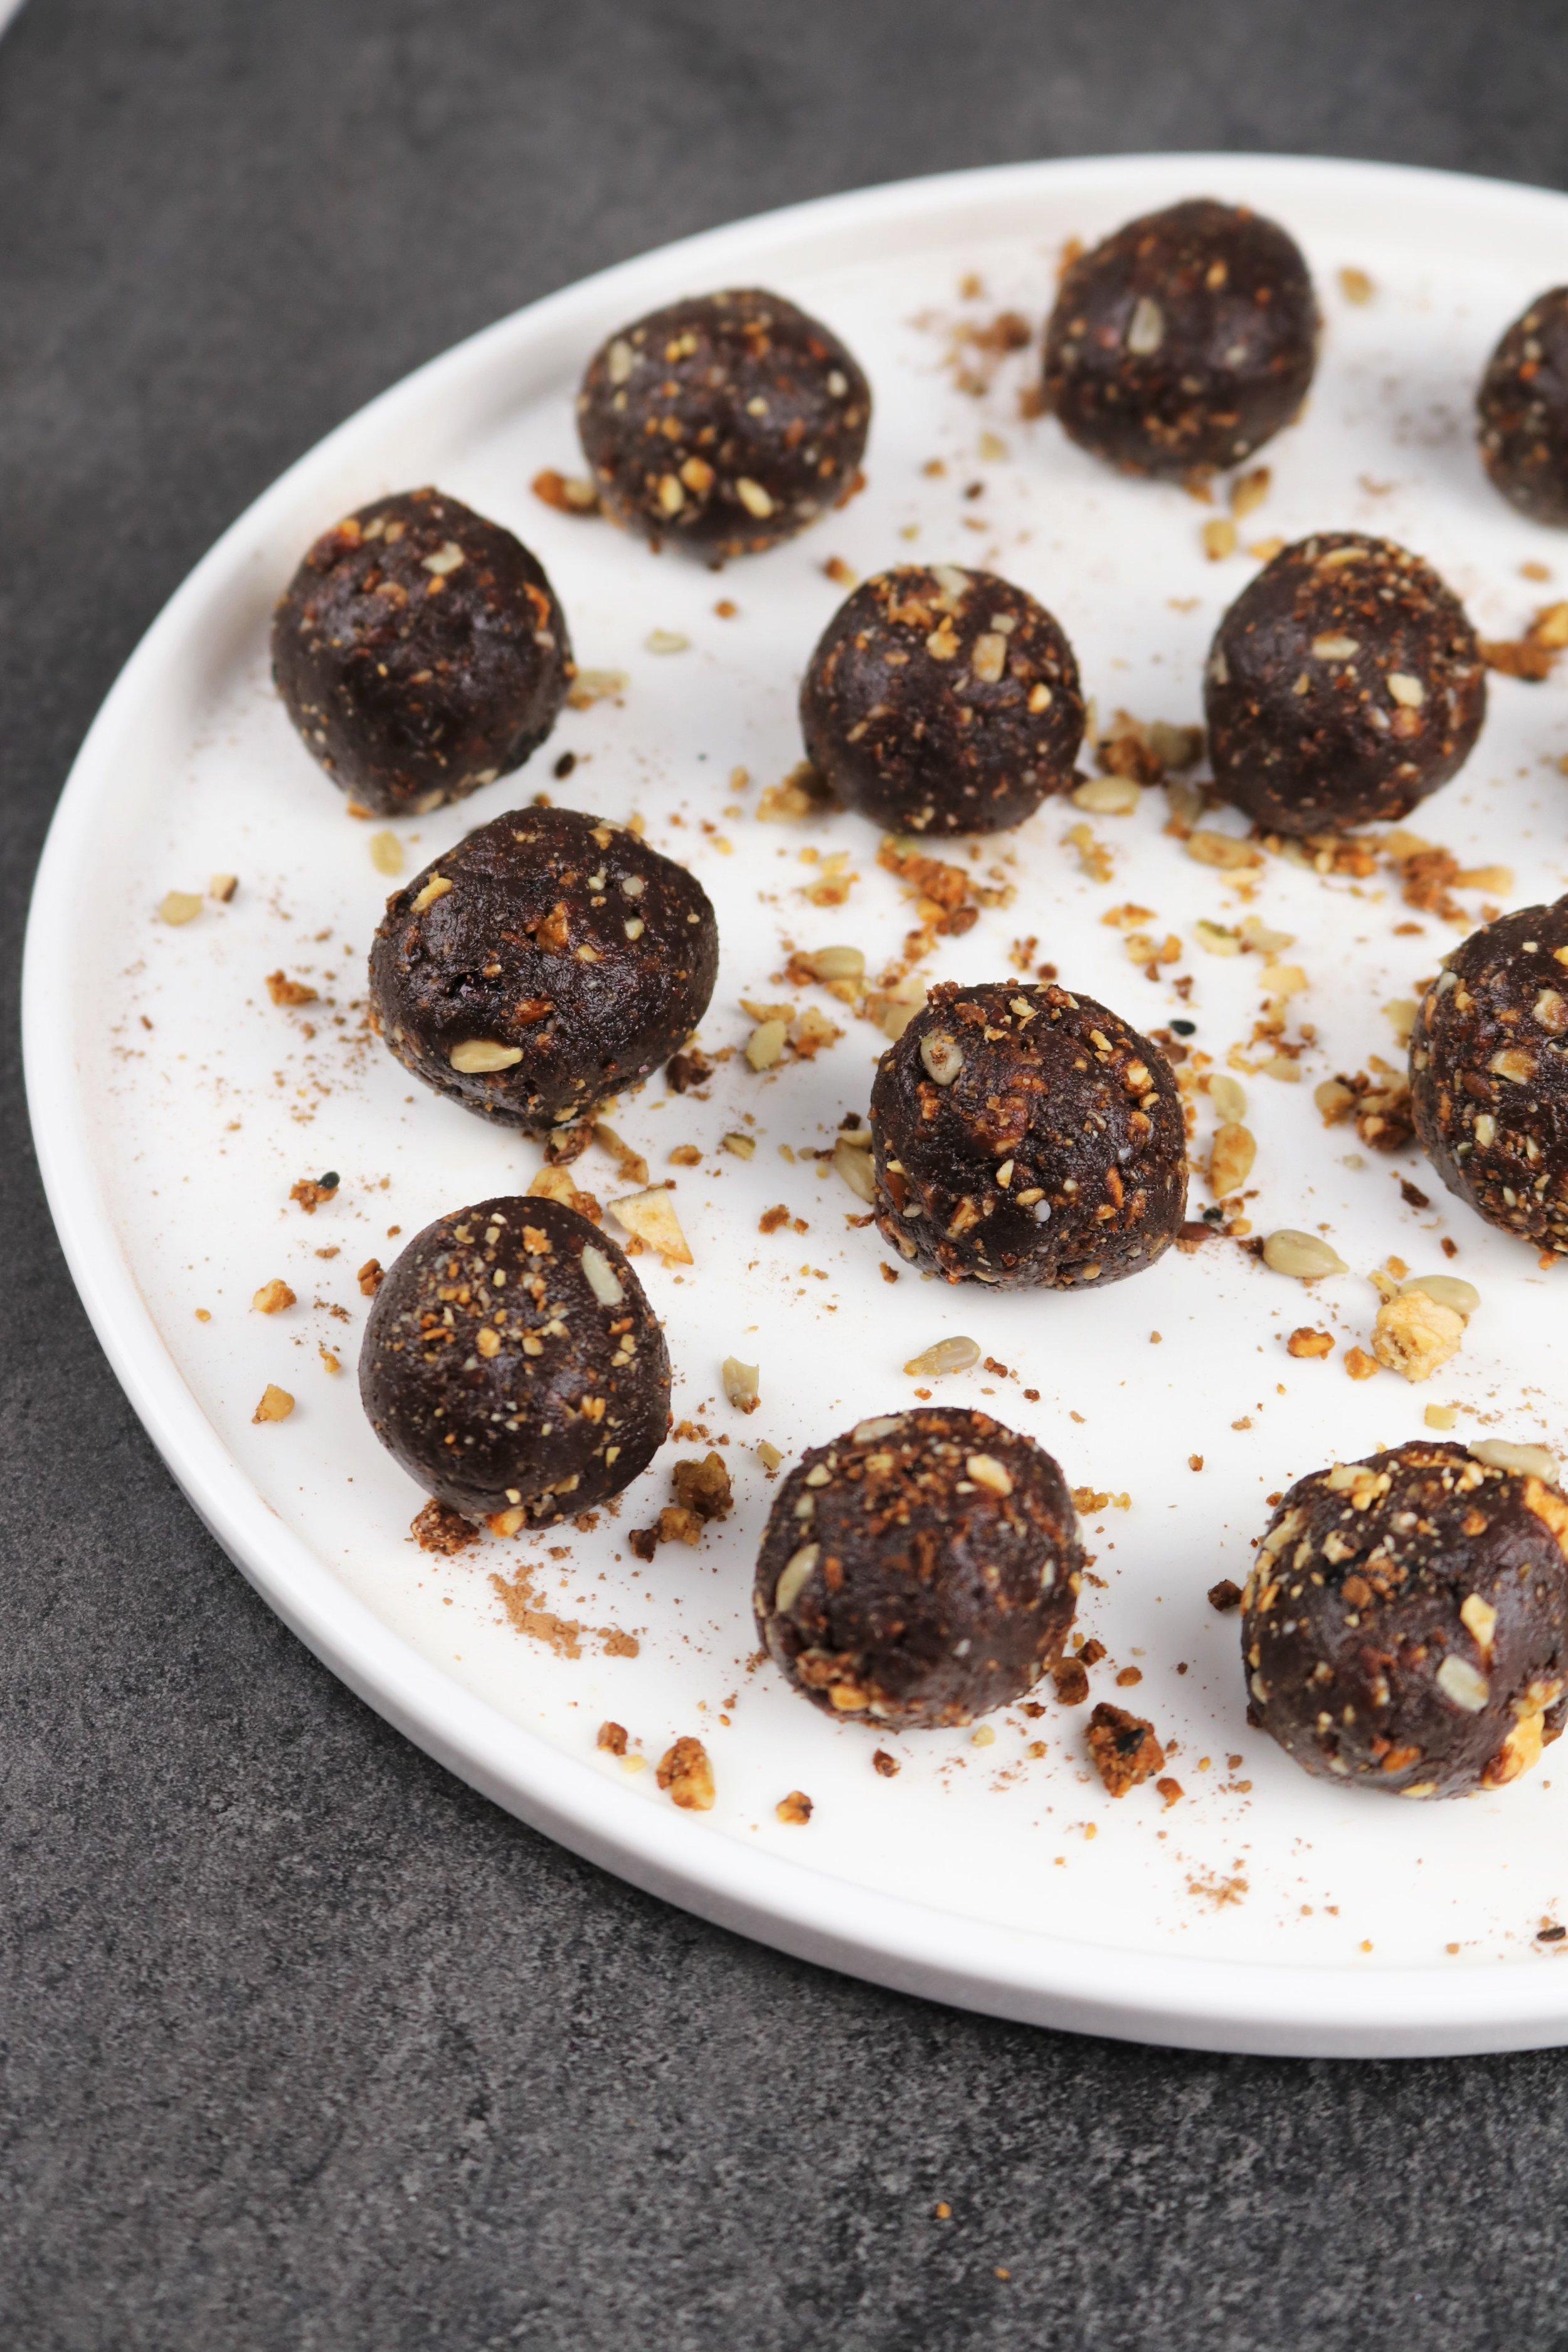 Ces boules ont été formées à partir d'un mélange passé au robot culinaire et sont parsemées de granola.